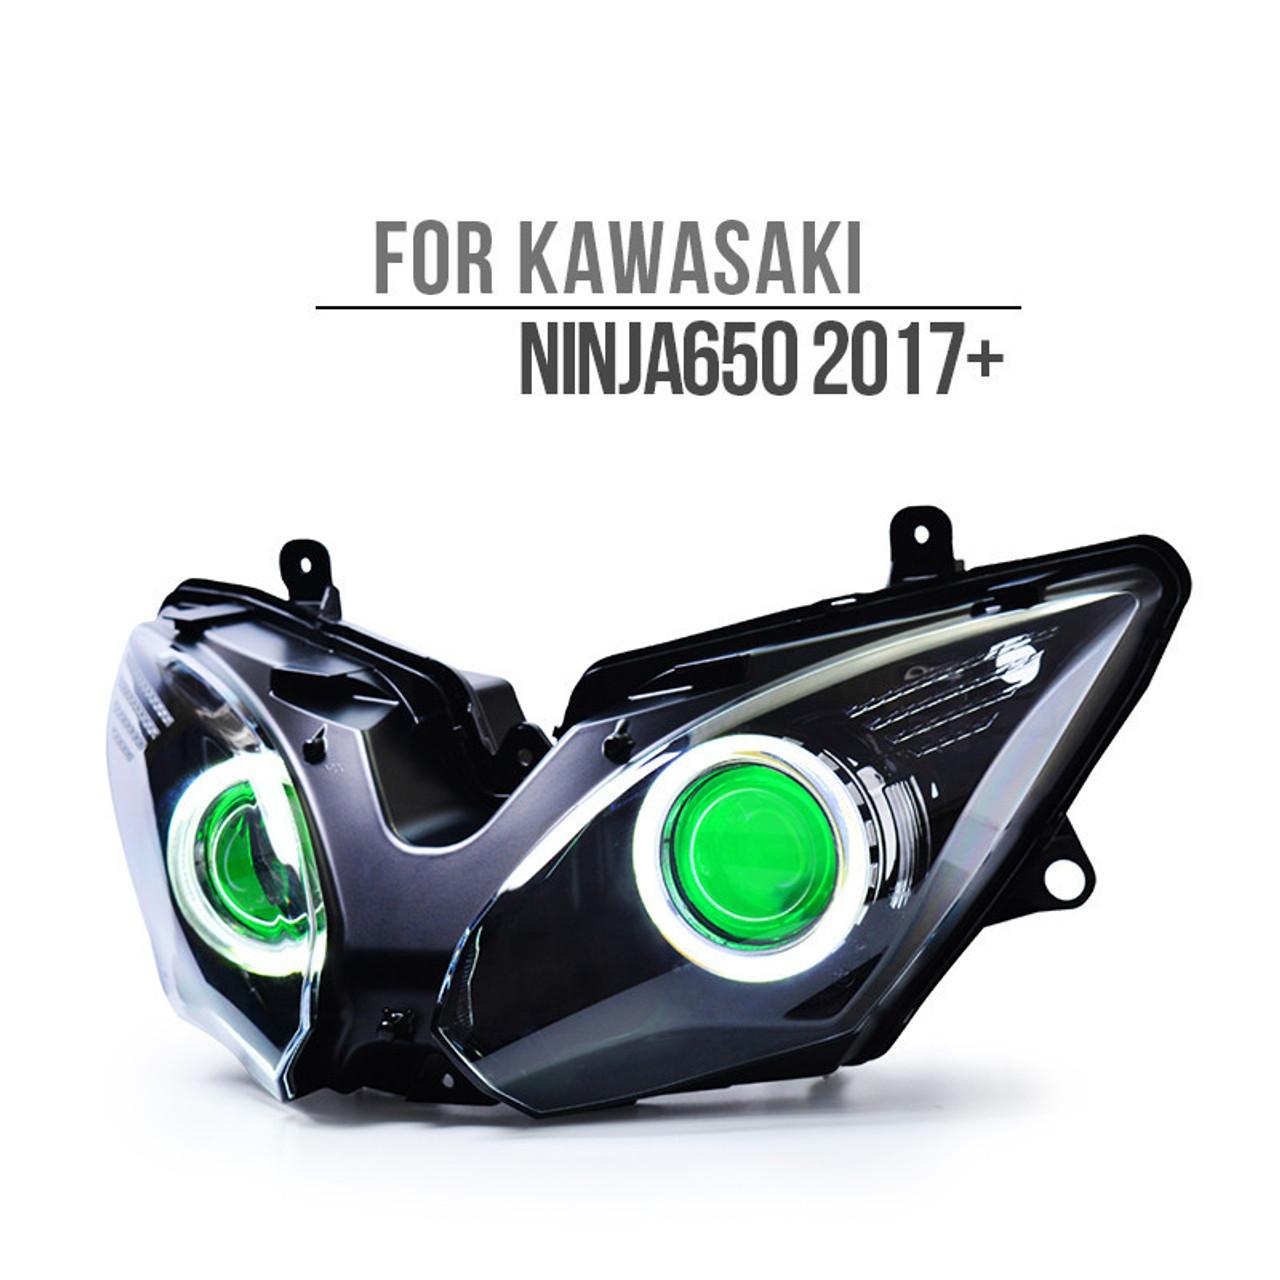 Kawasaki Ninja 650 Headlight Assembly 2017 2018